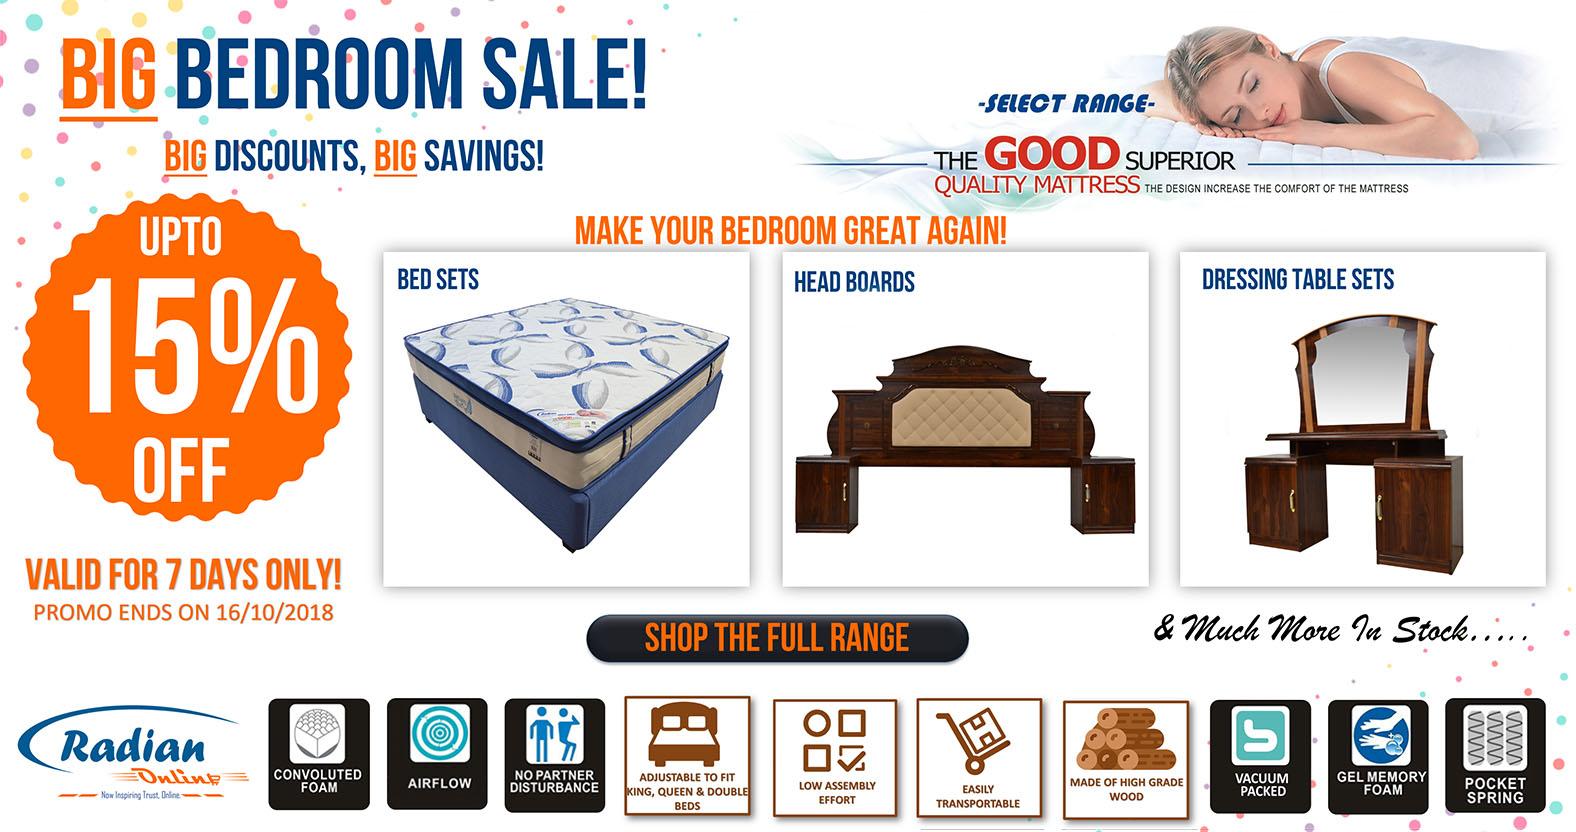 Big Bedroom Sale